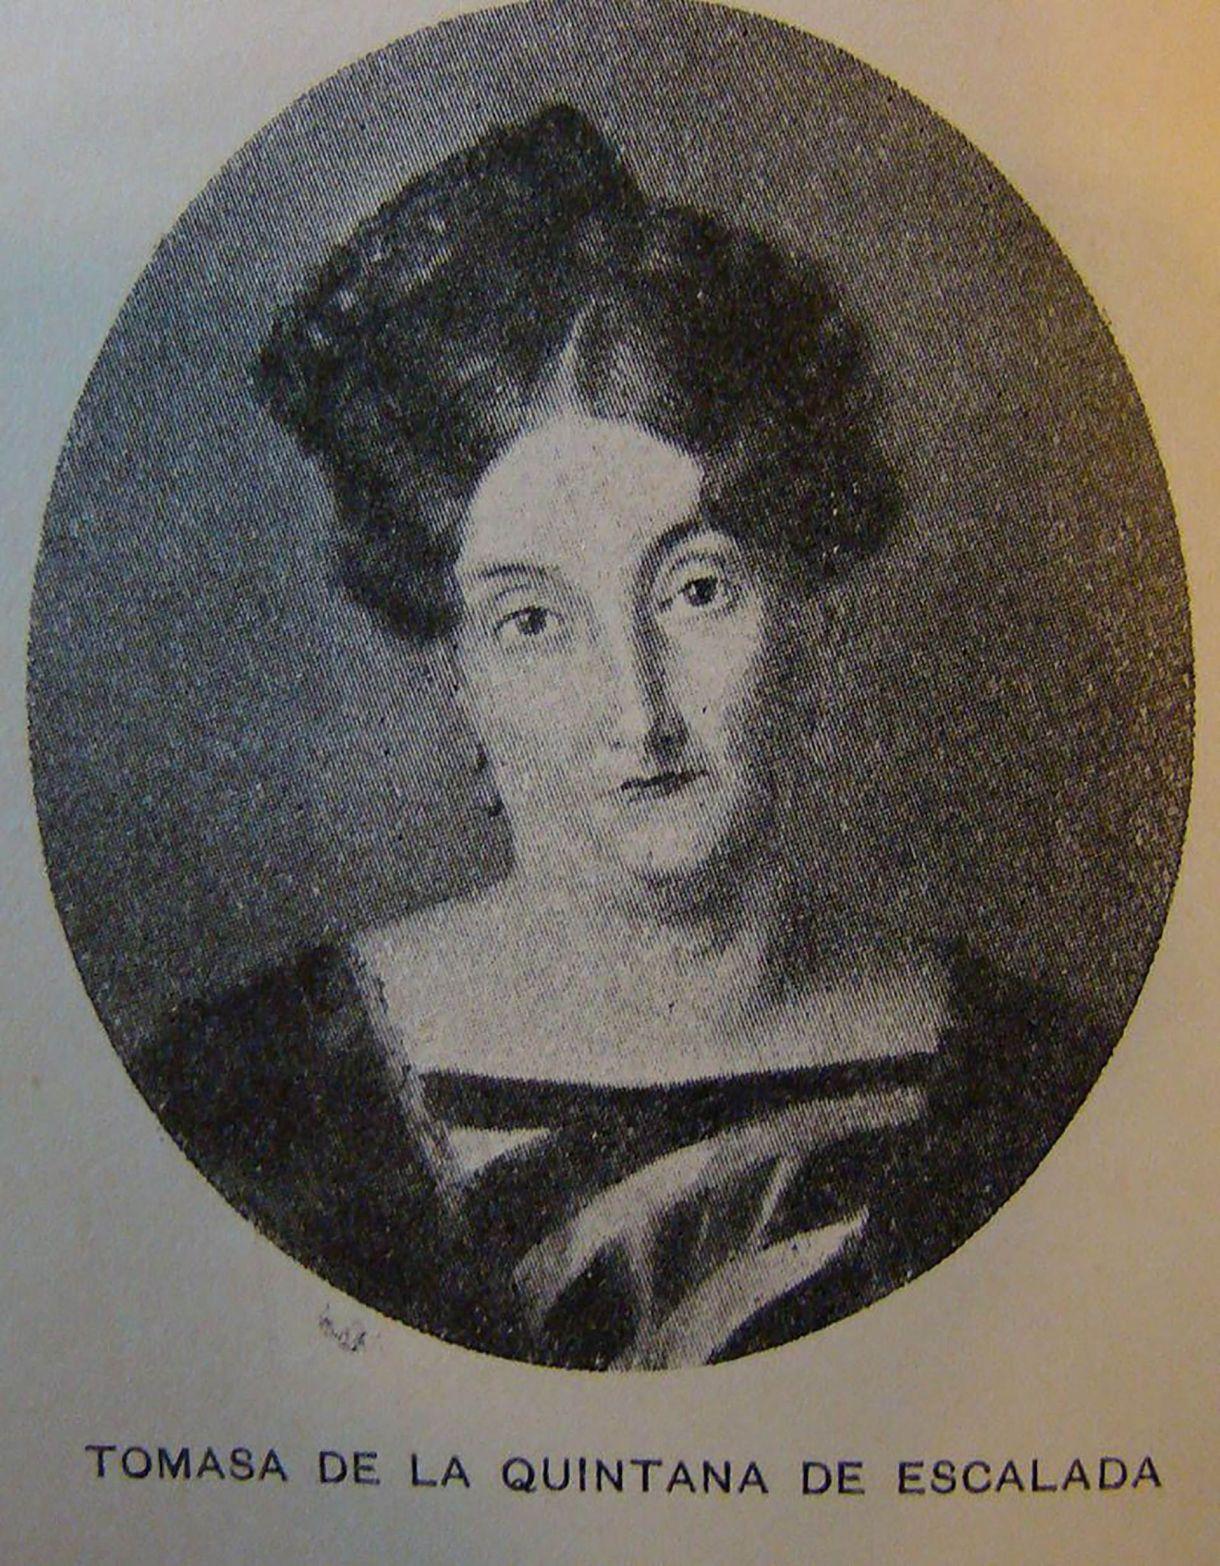 Tomasa de la Quintana, madre de la joven, se opuso a la relación con San Martín